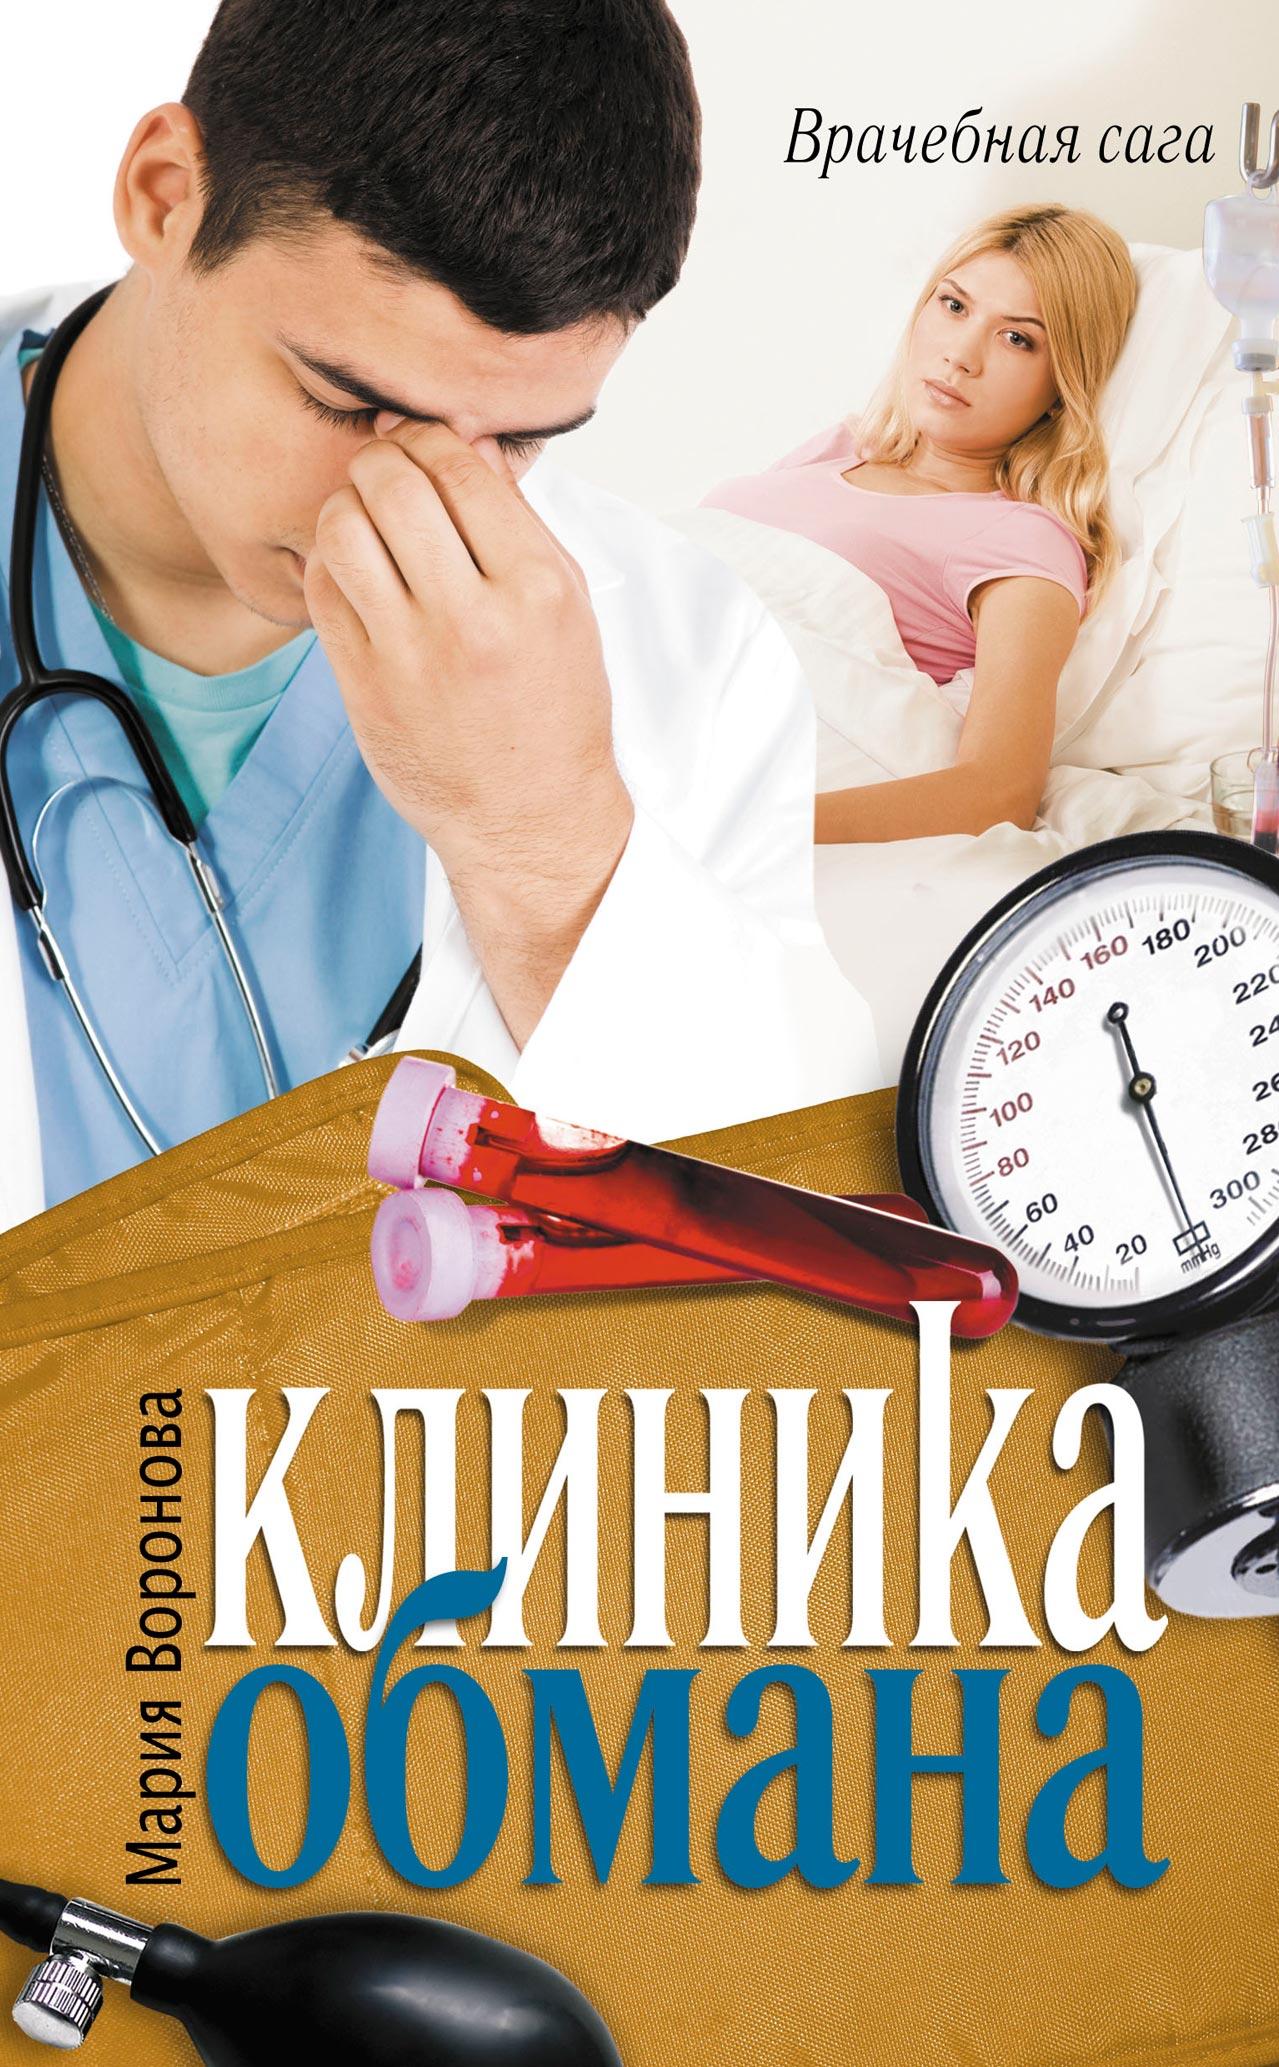 Мария Воронова Клиника обмана воронова мария владимировна любовь в режиме ожидания